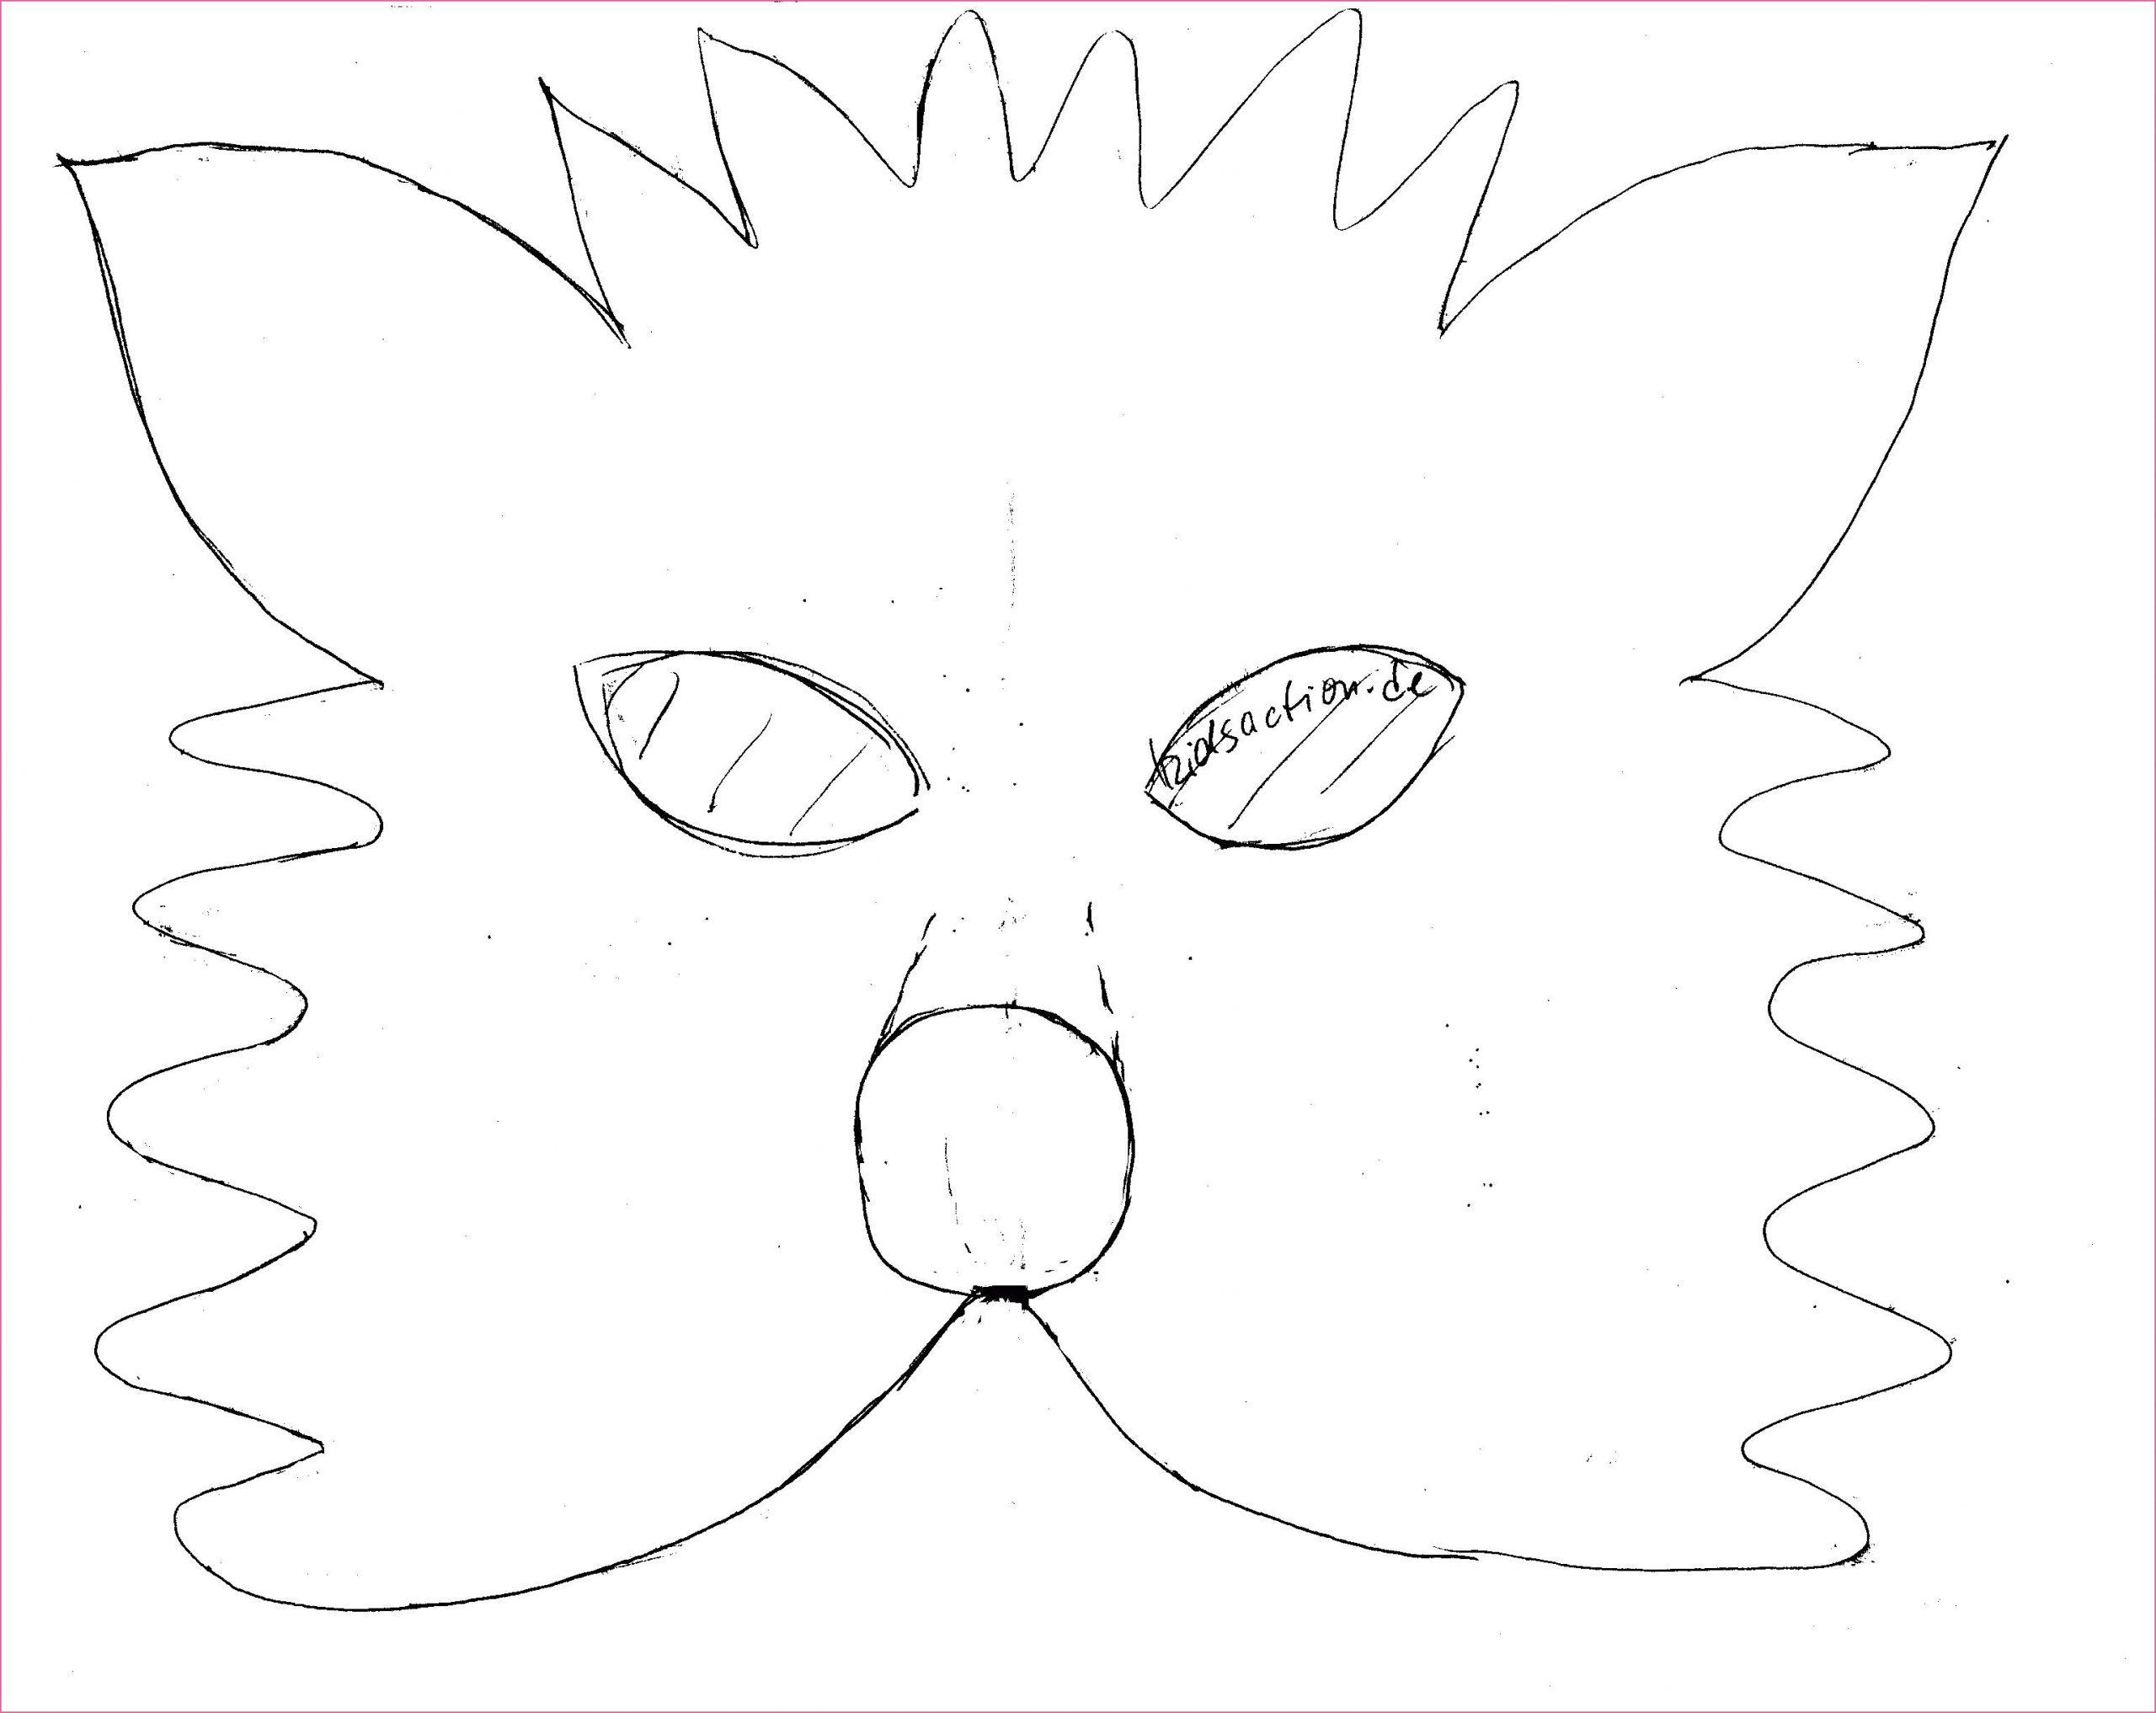 Tiermasken Basteln Vorlagen Ausdrucken (Mit Bildern mit Tiermasken Basteln Vorlagen Ausdrucken